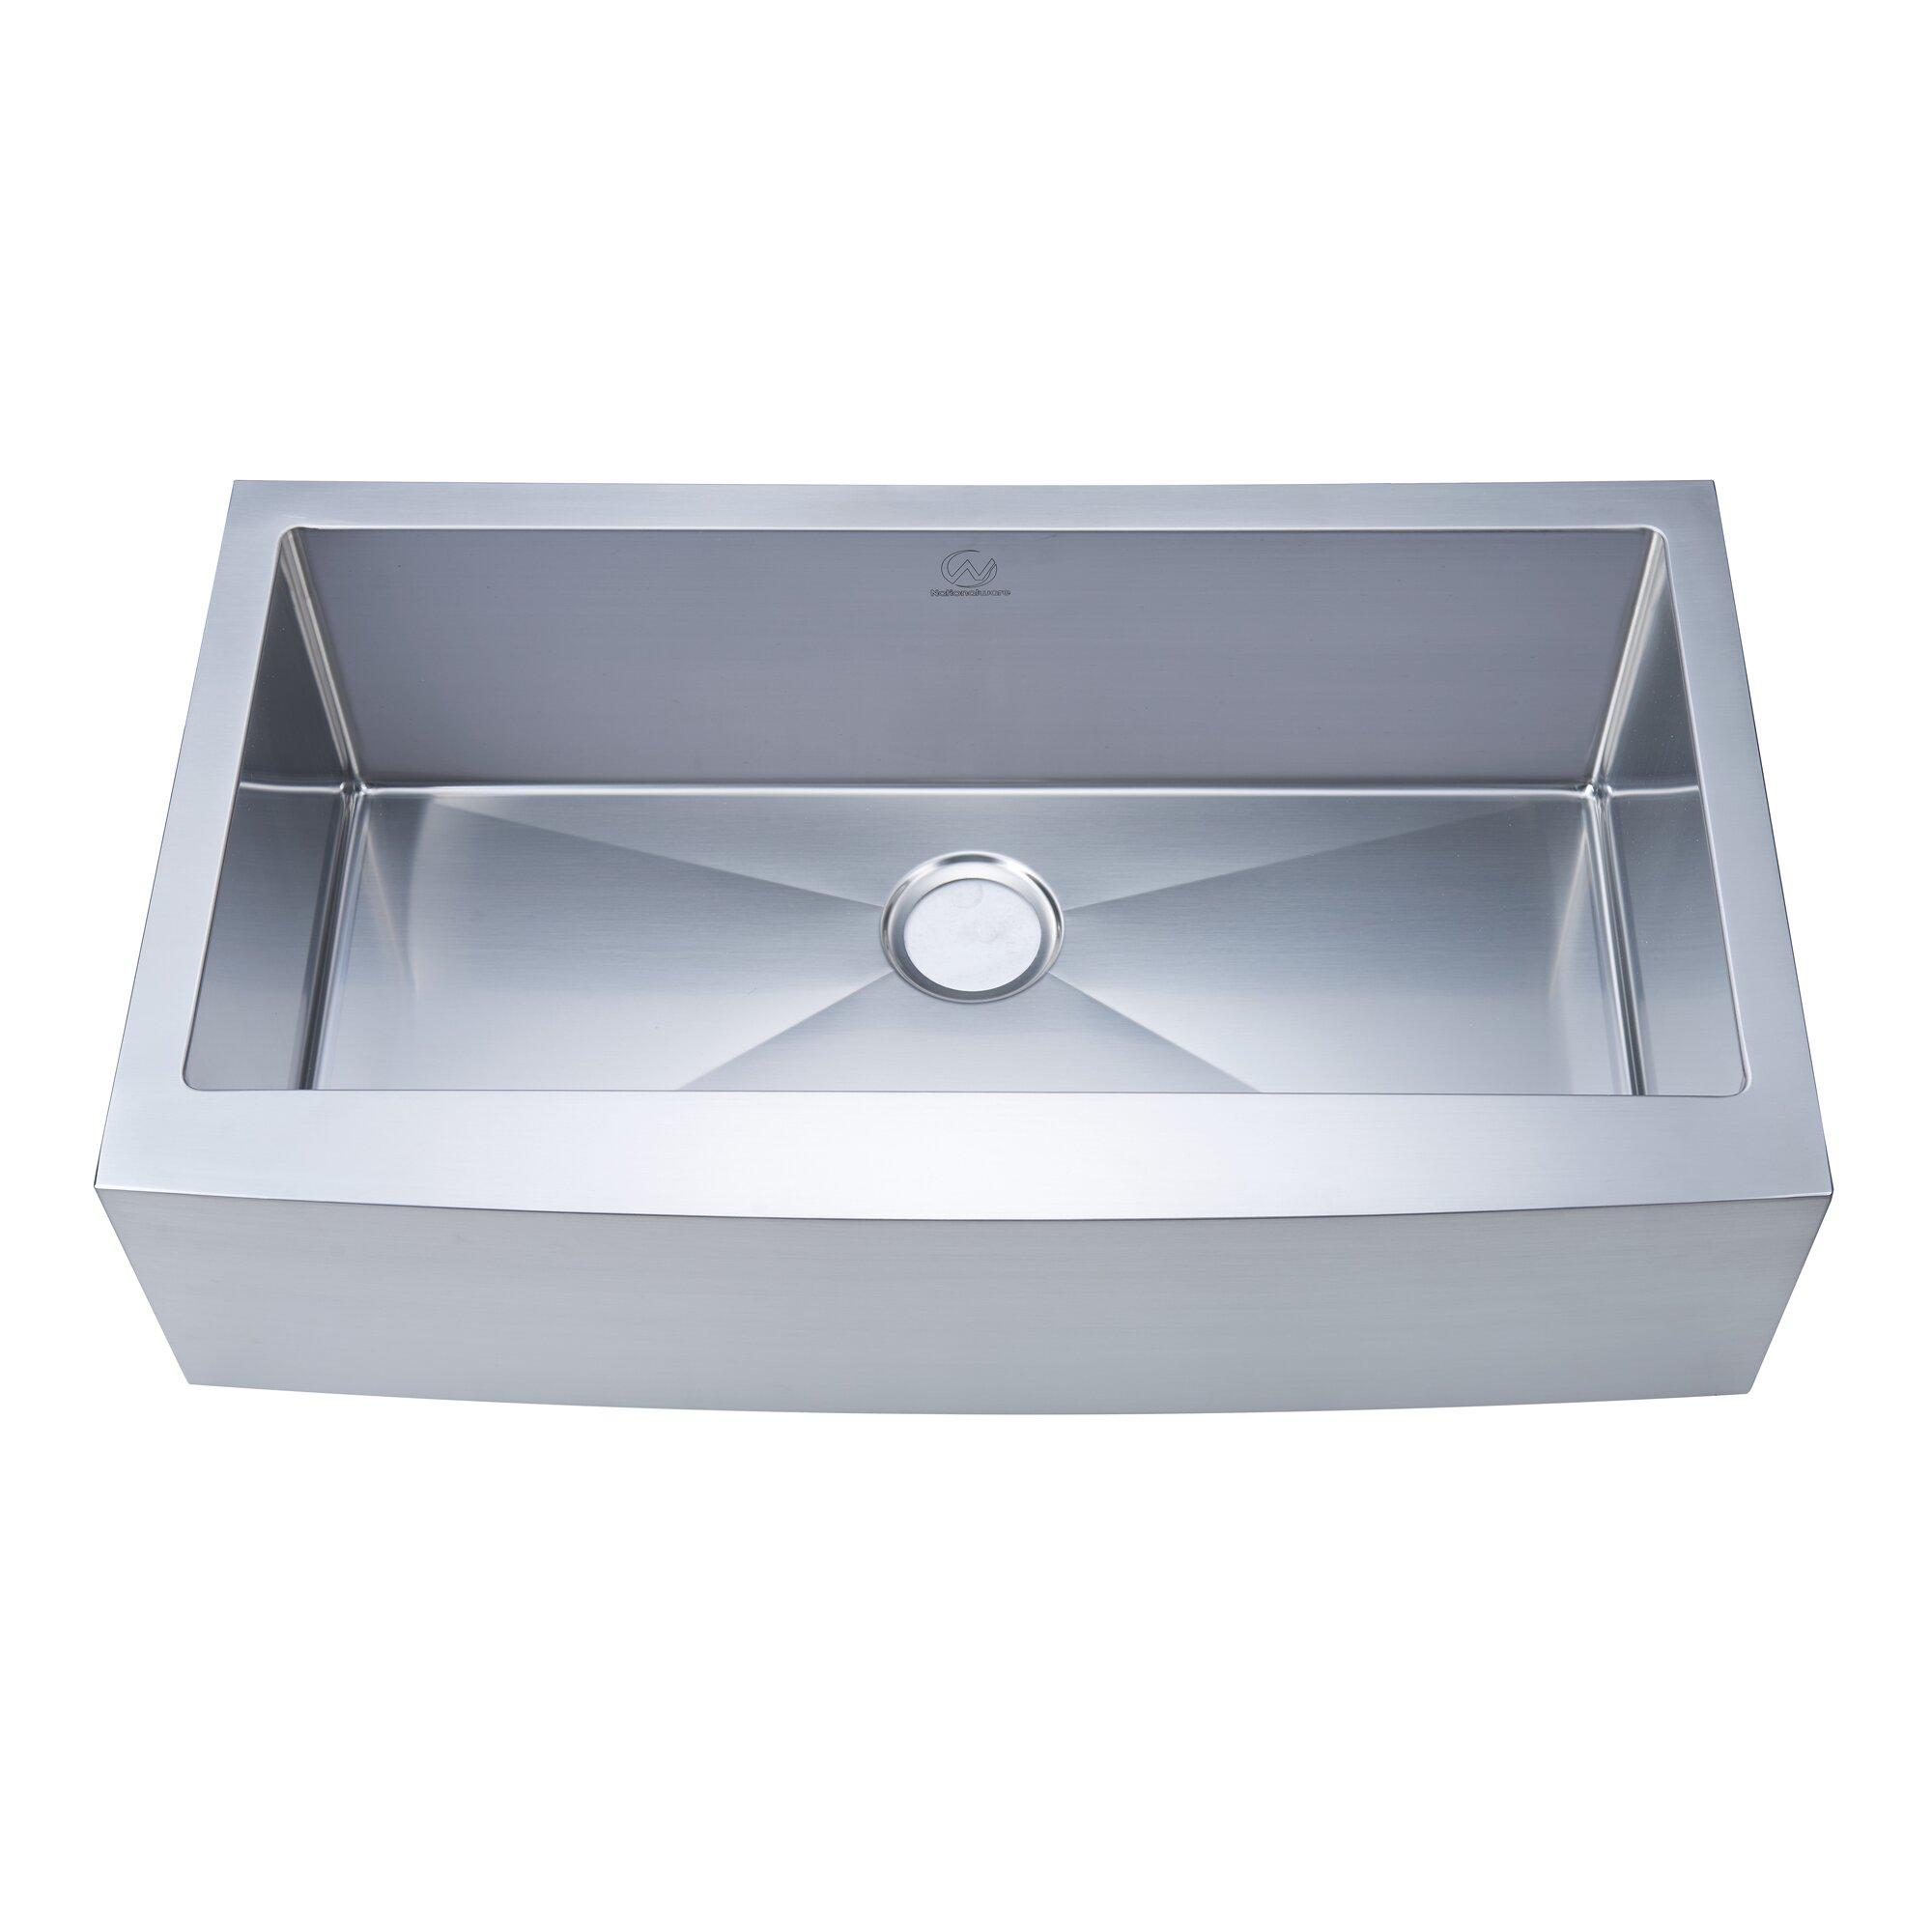 Apron Sink 36 : Stufurhome 36